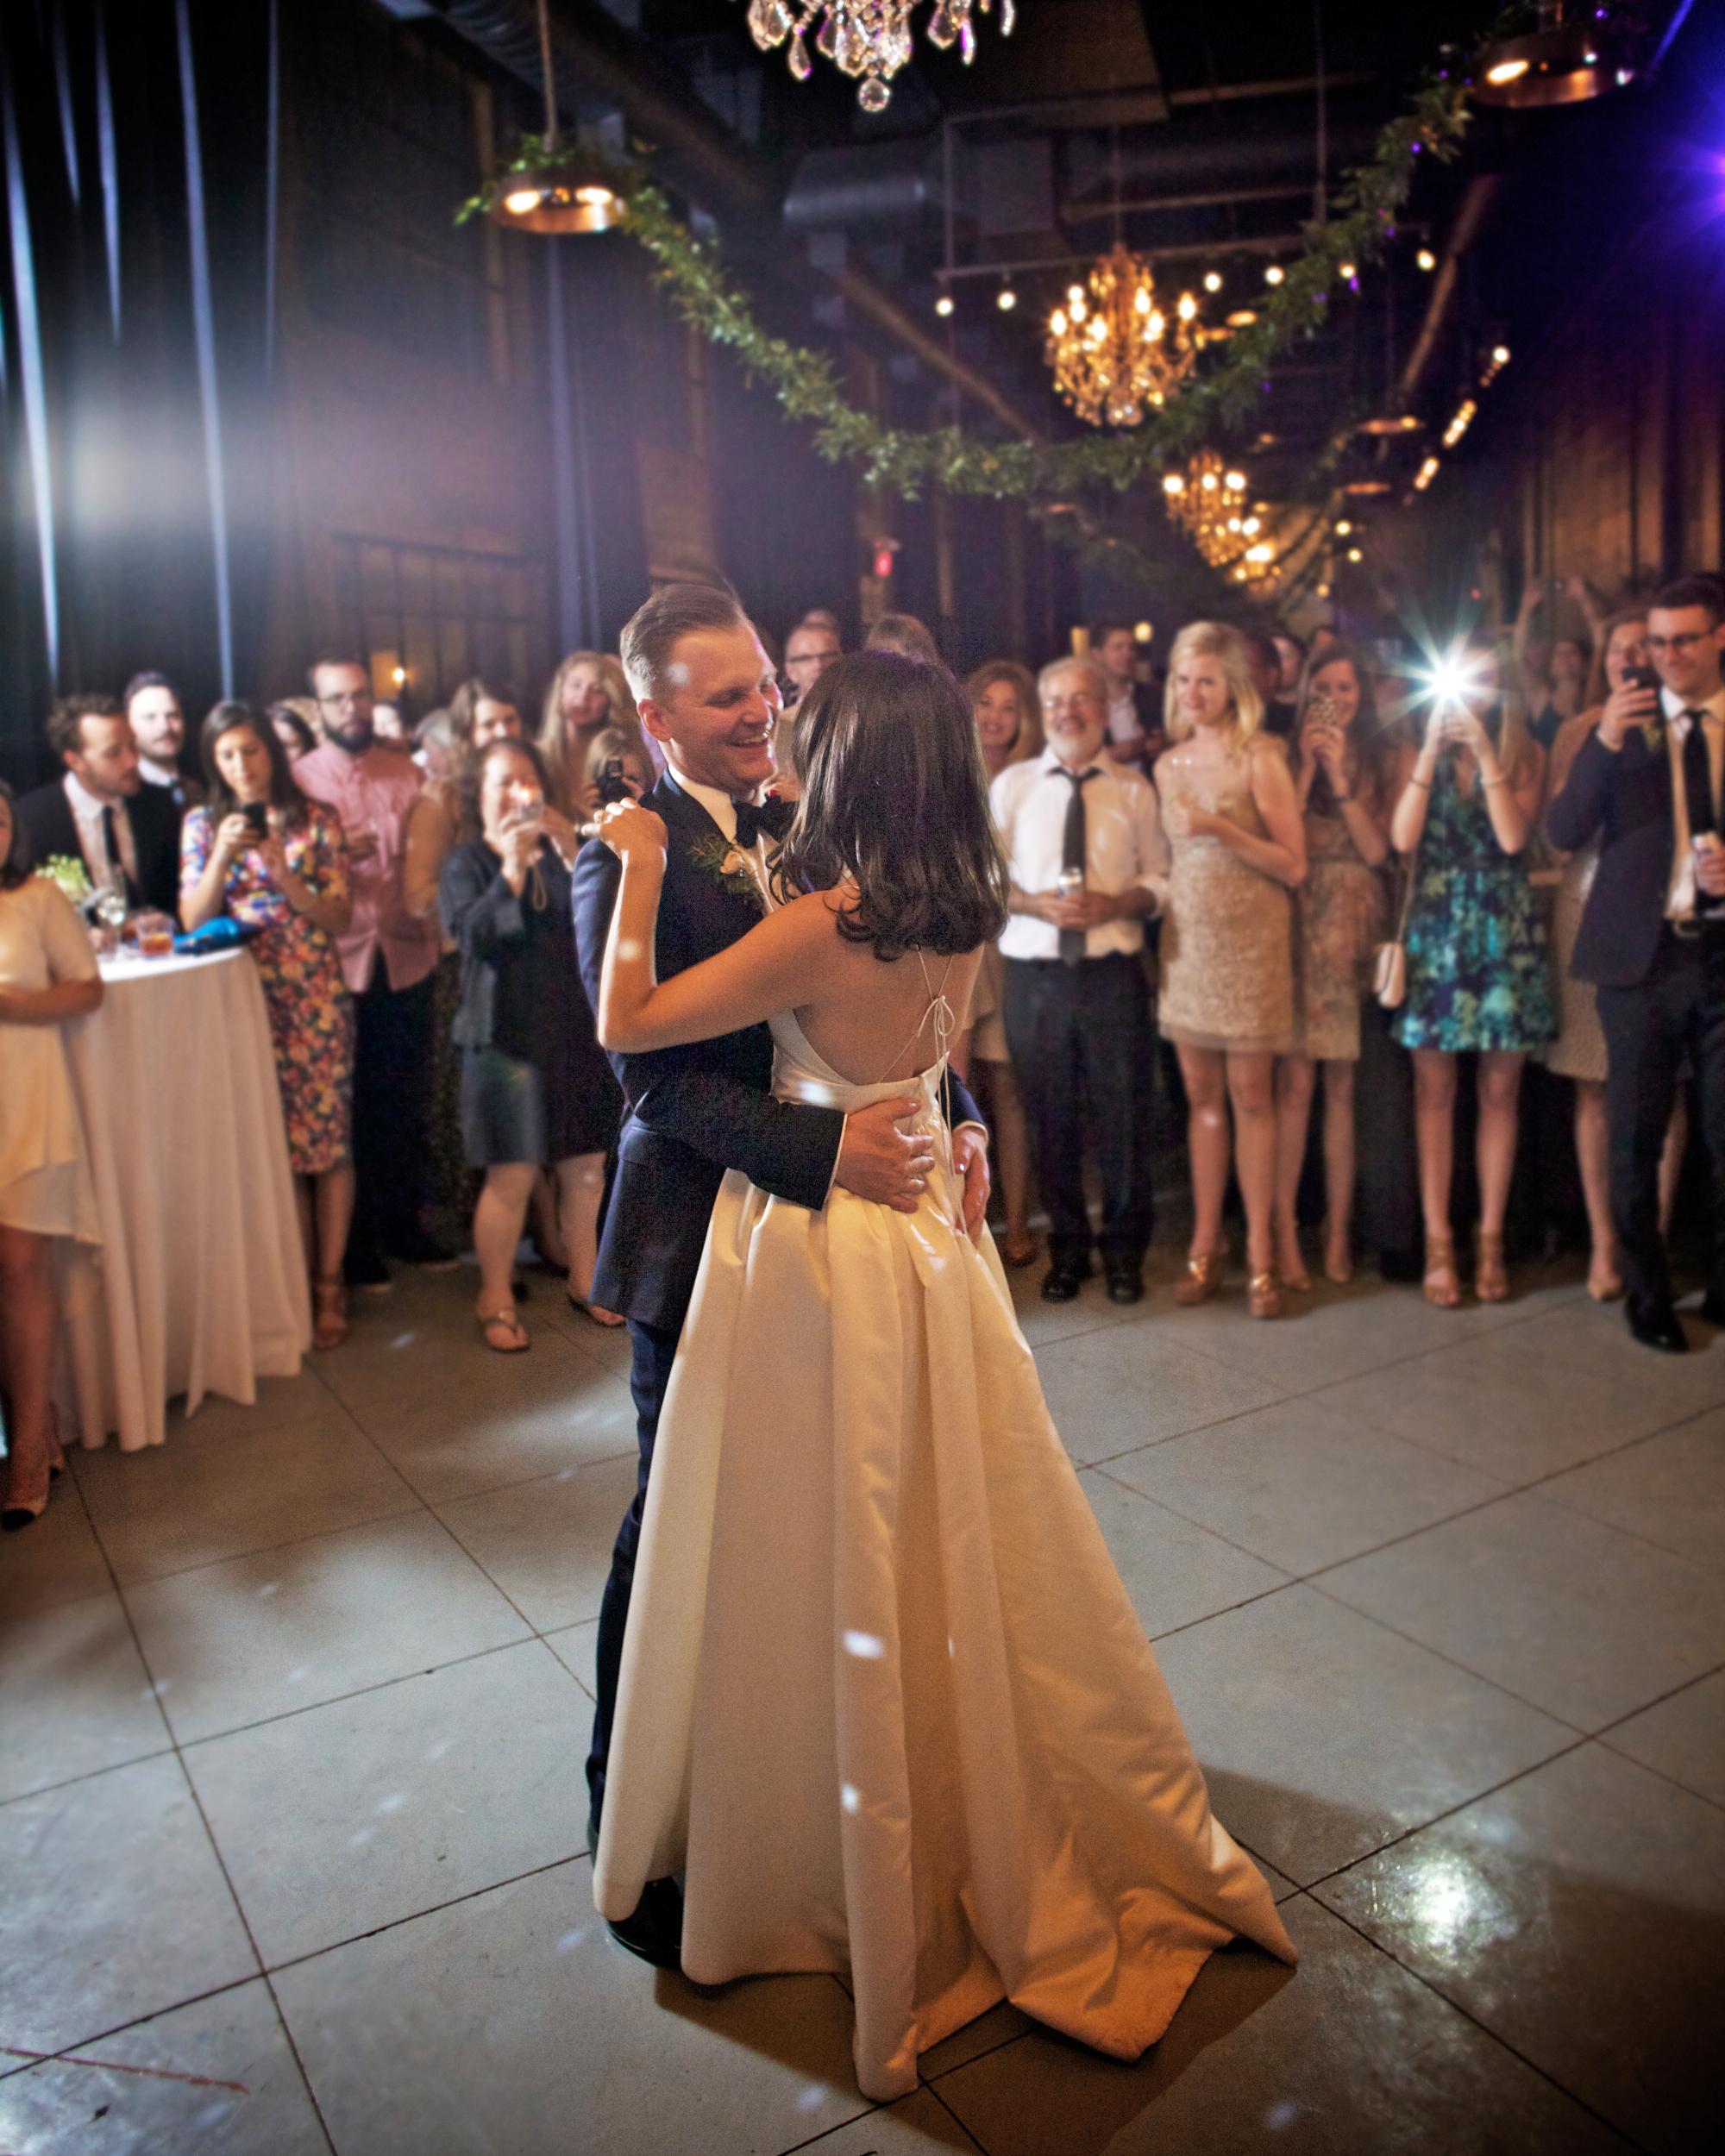 emily-brett-wedding-firstdance-0414.jpg